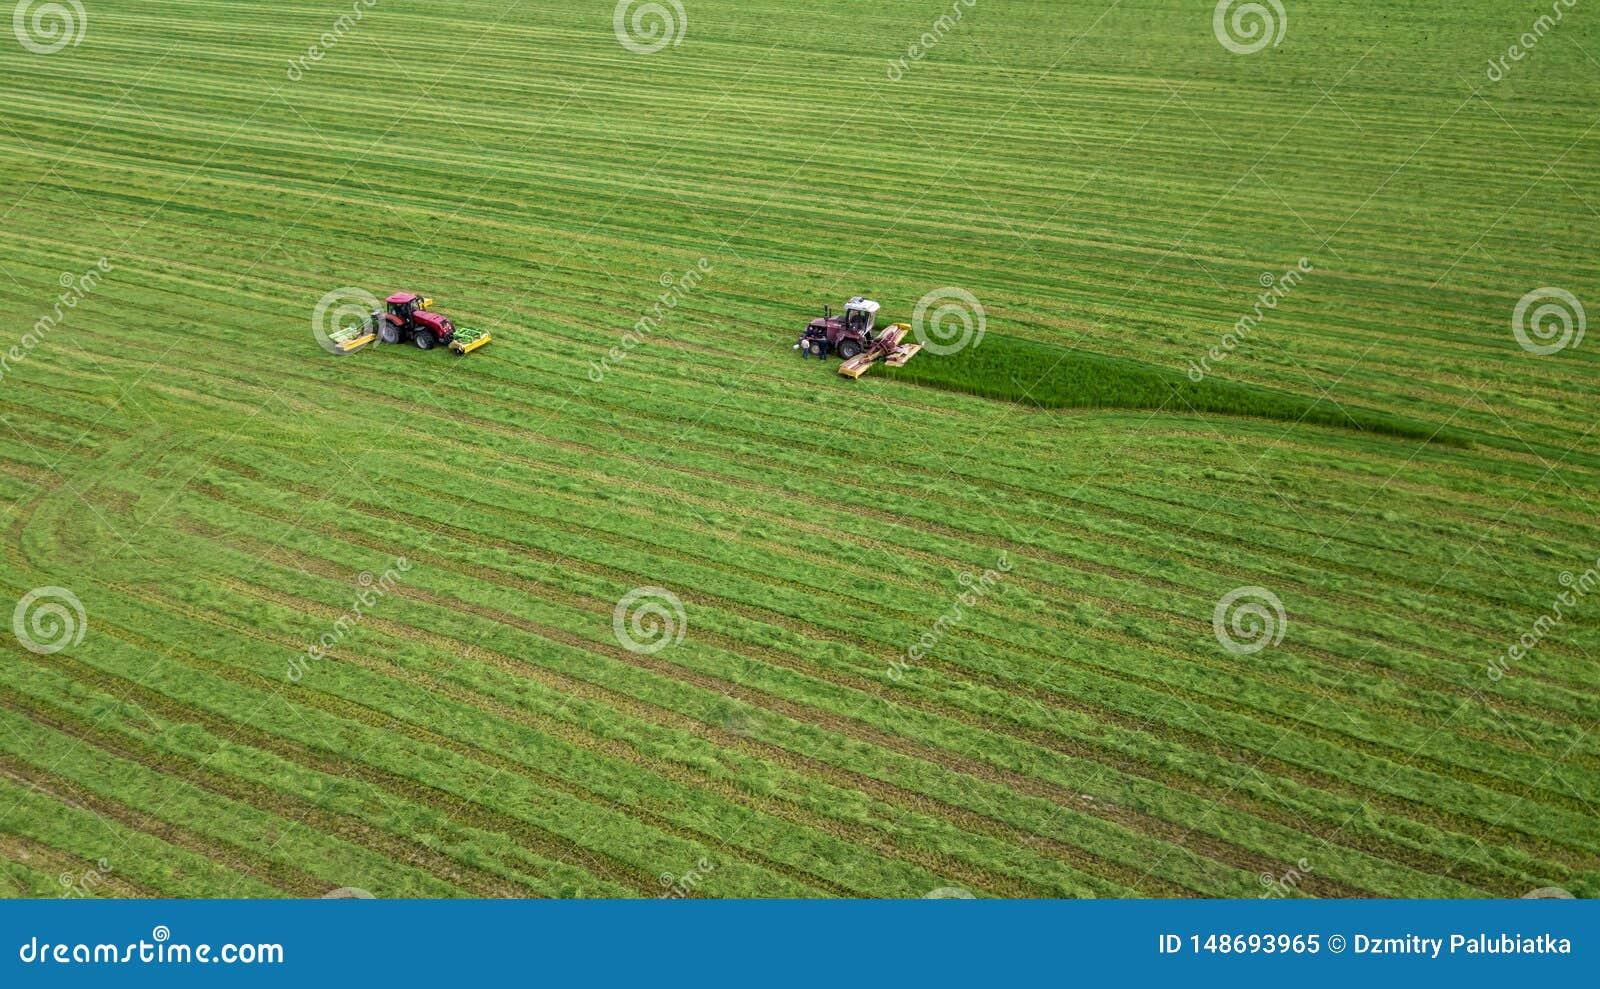 Deux tracteurs fauche l herbe sur une vue aérienne de champ vert